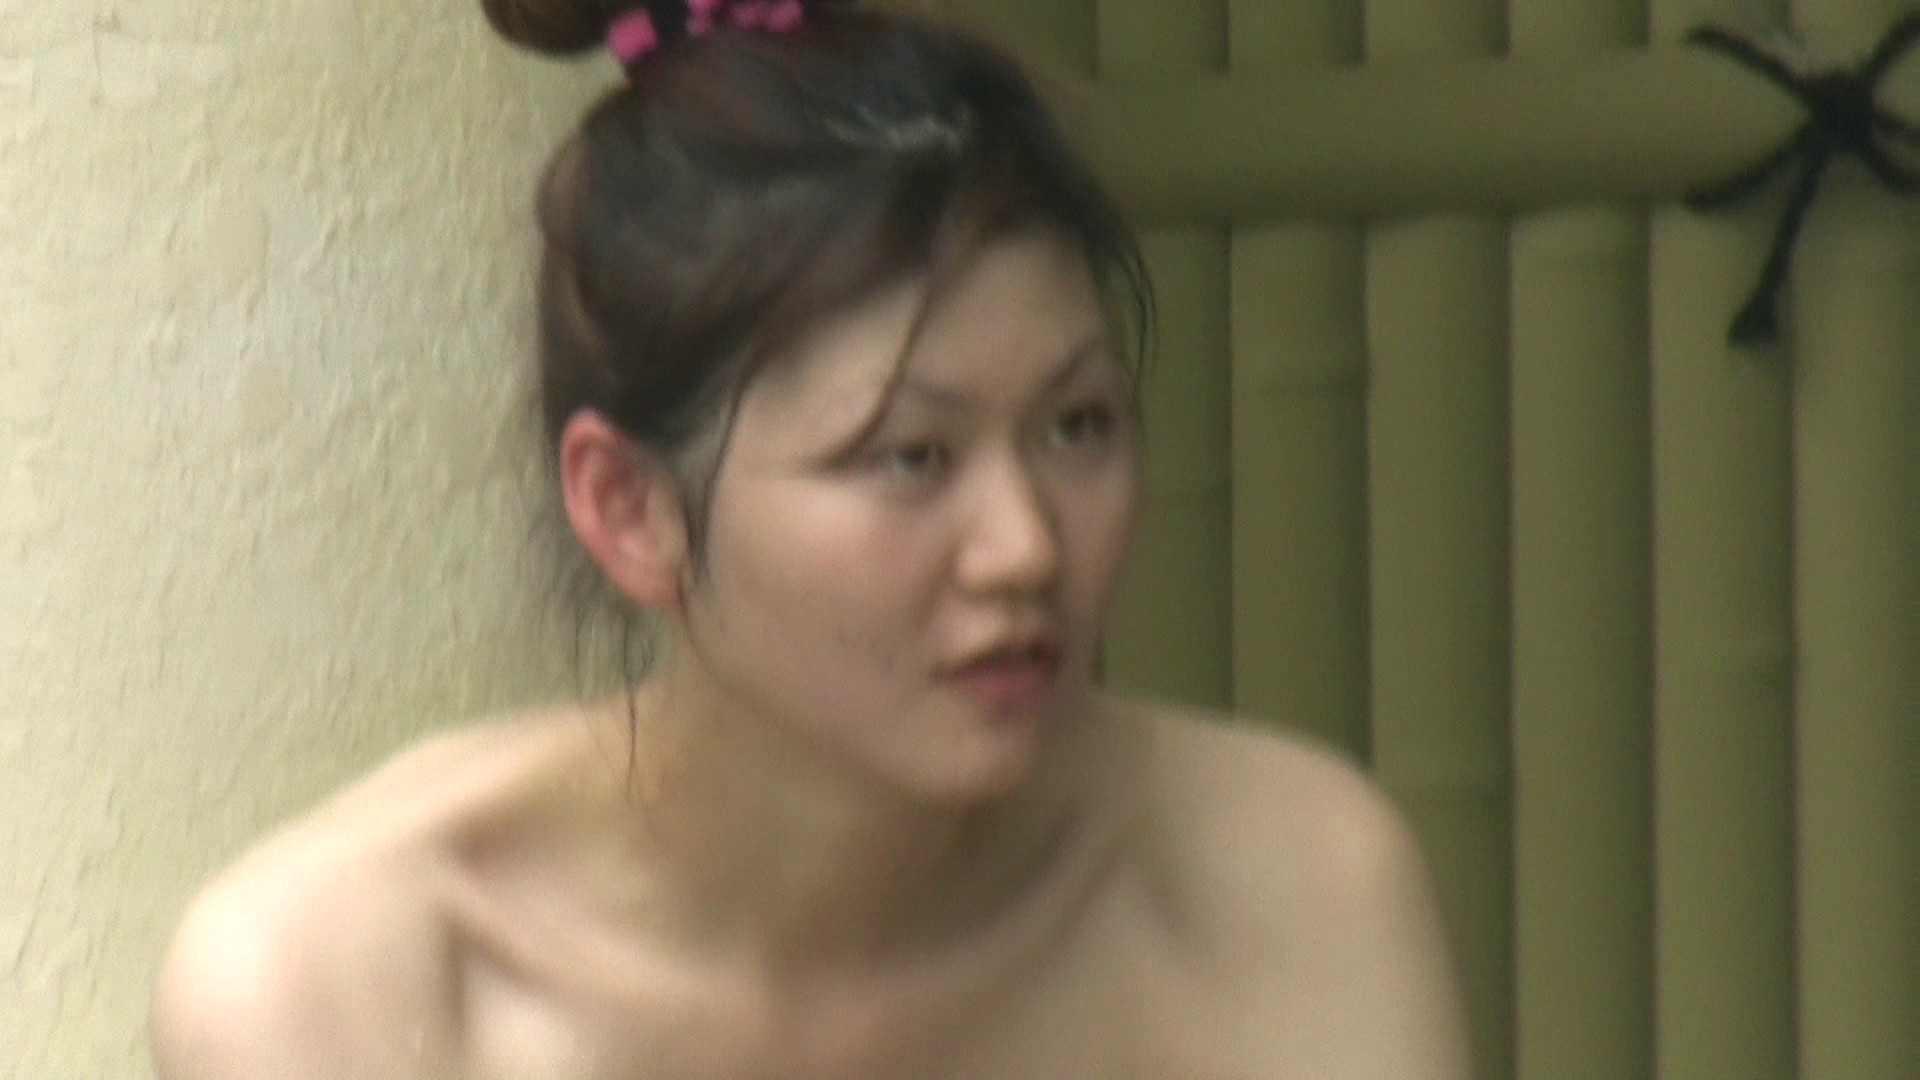 Aquaな露天風呂Vol.17【VIP】 盗撮シリーズ  98PIX 46